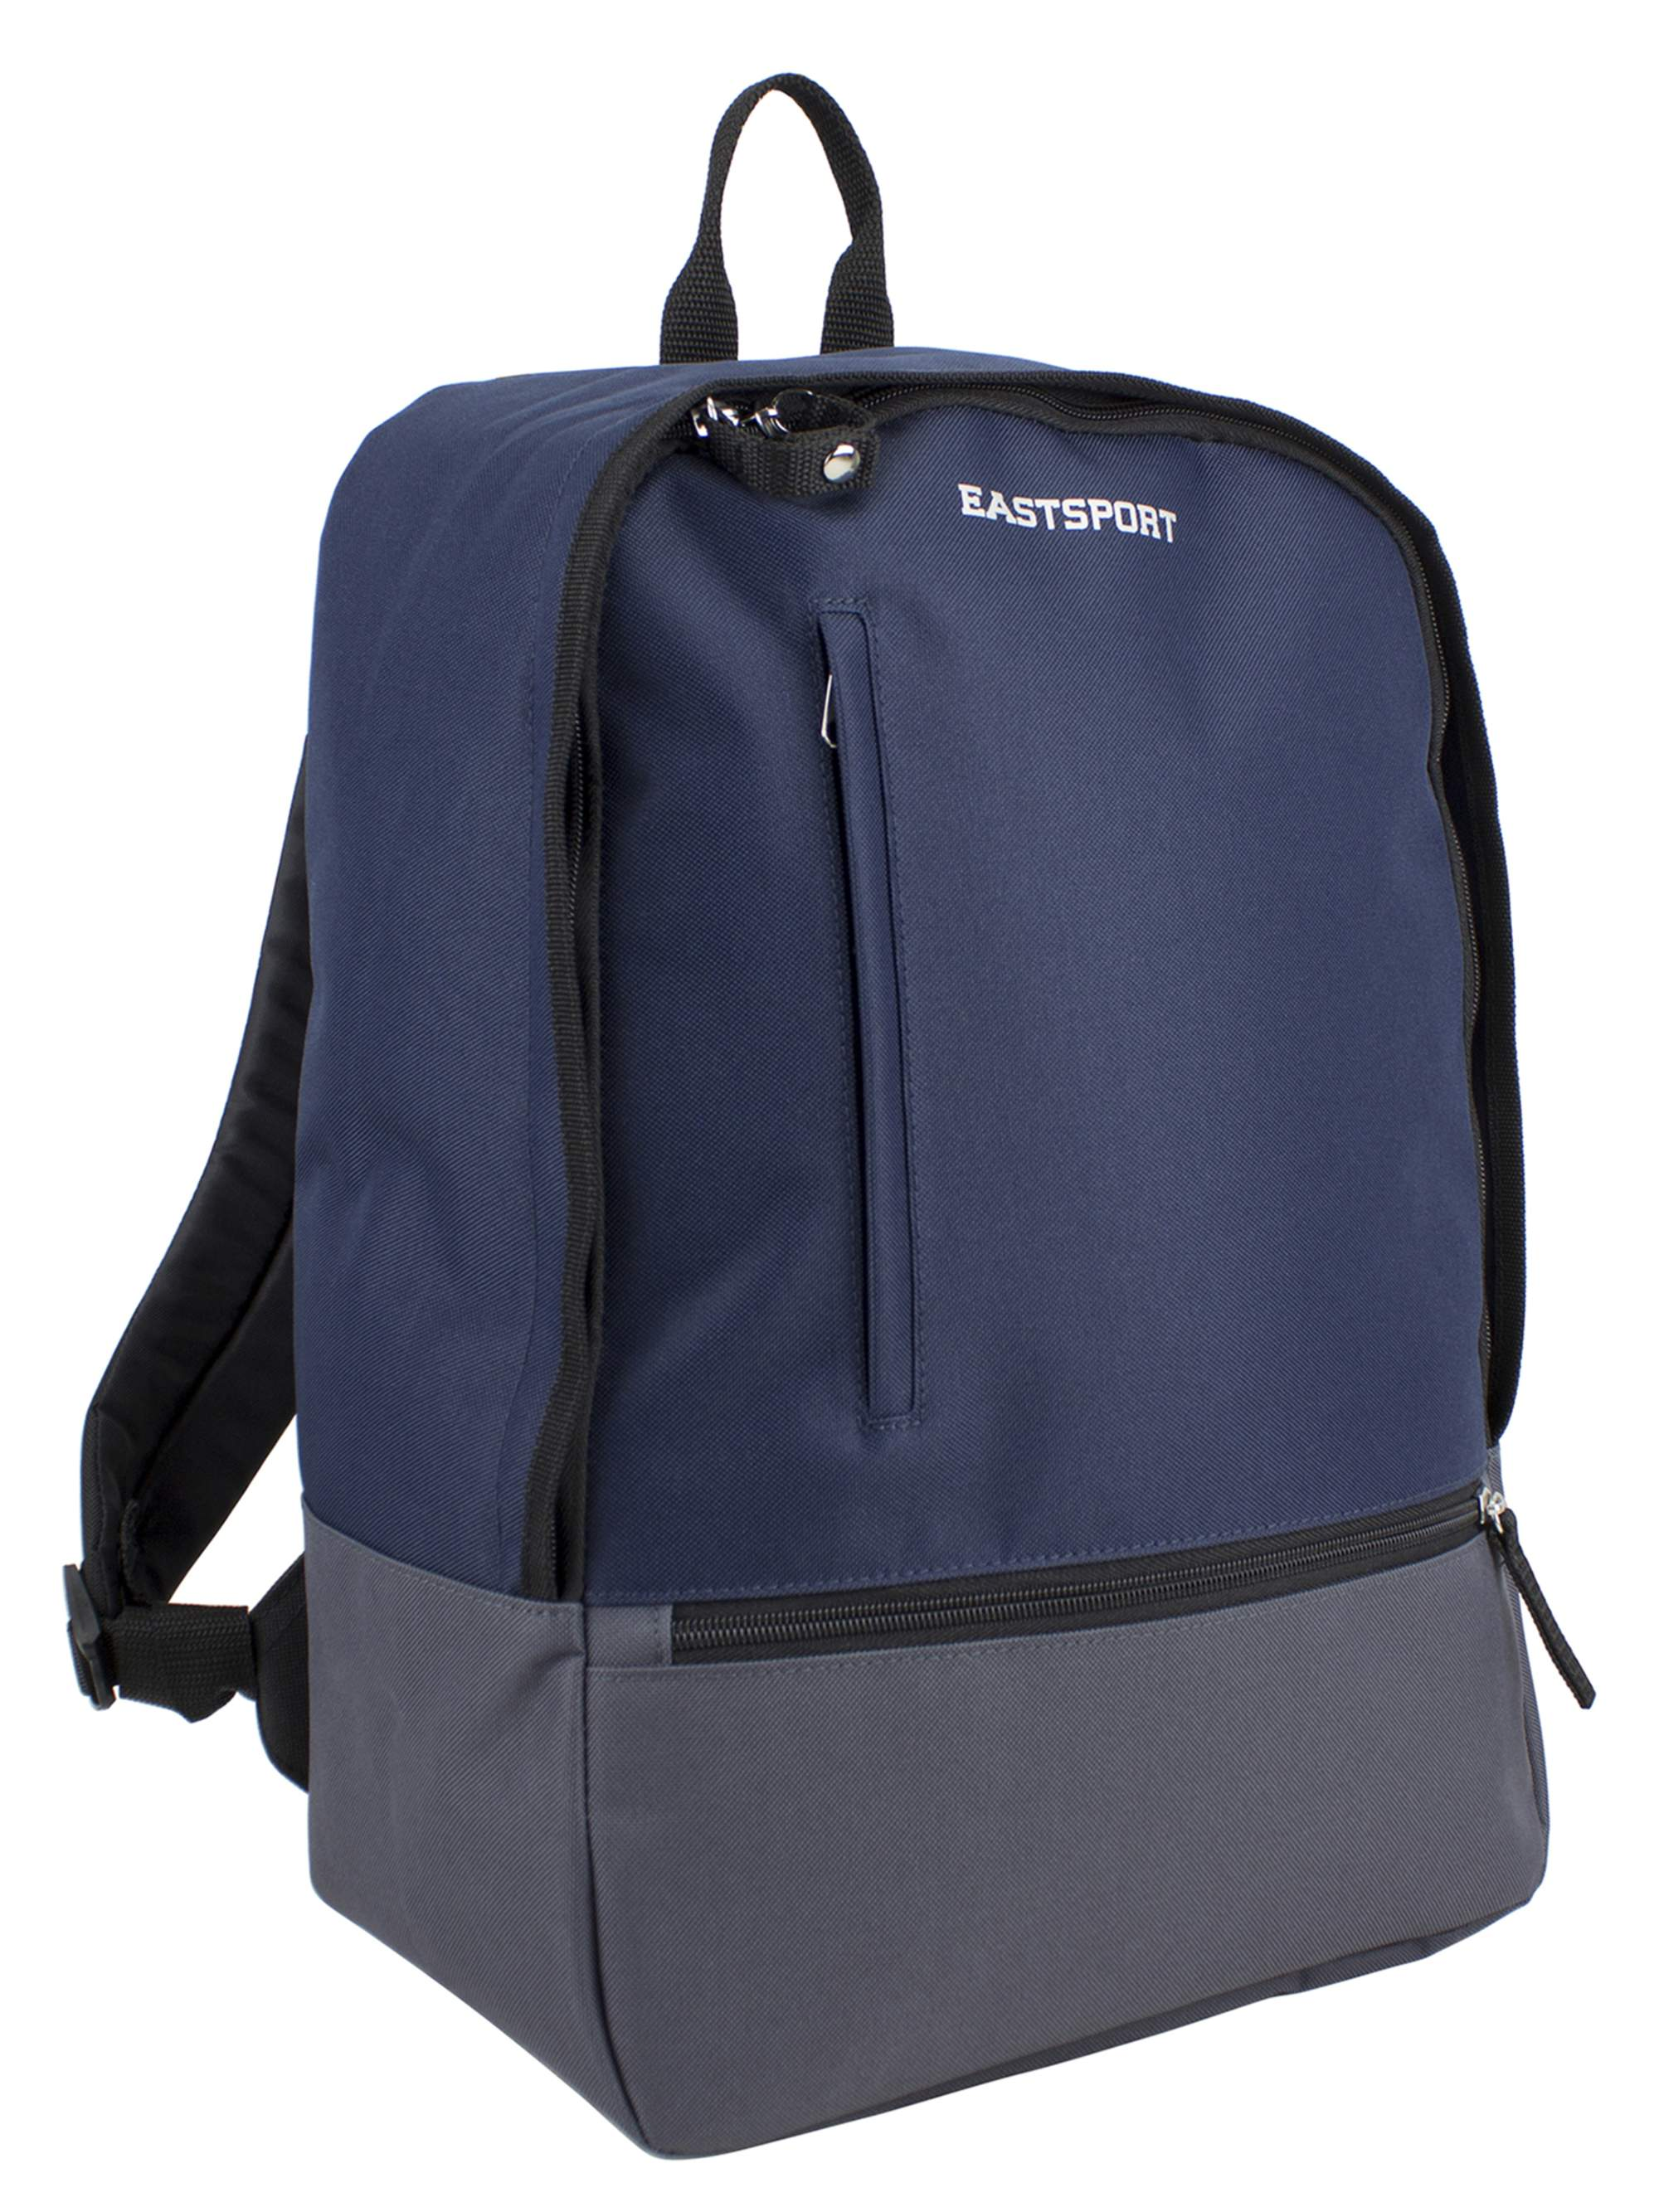 Eastsport Defender Backpack